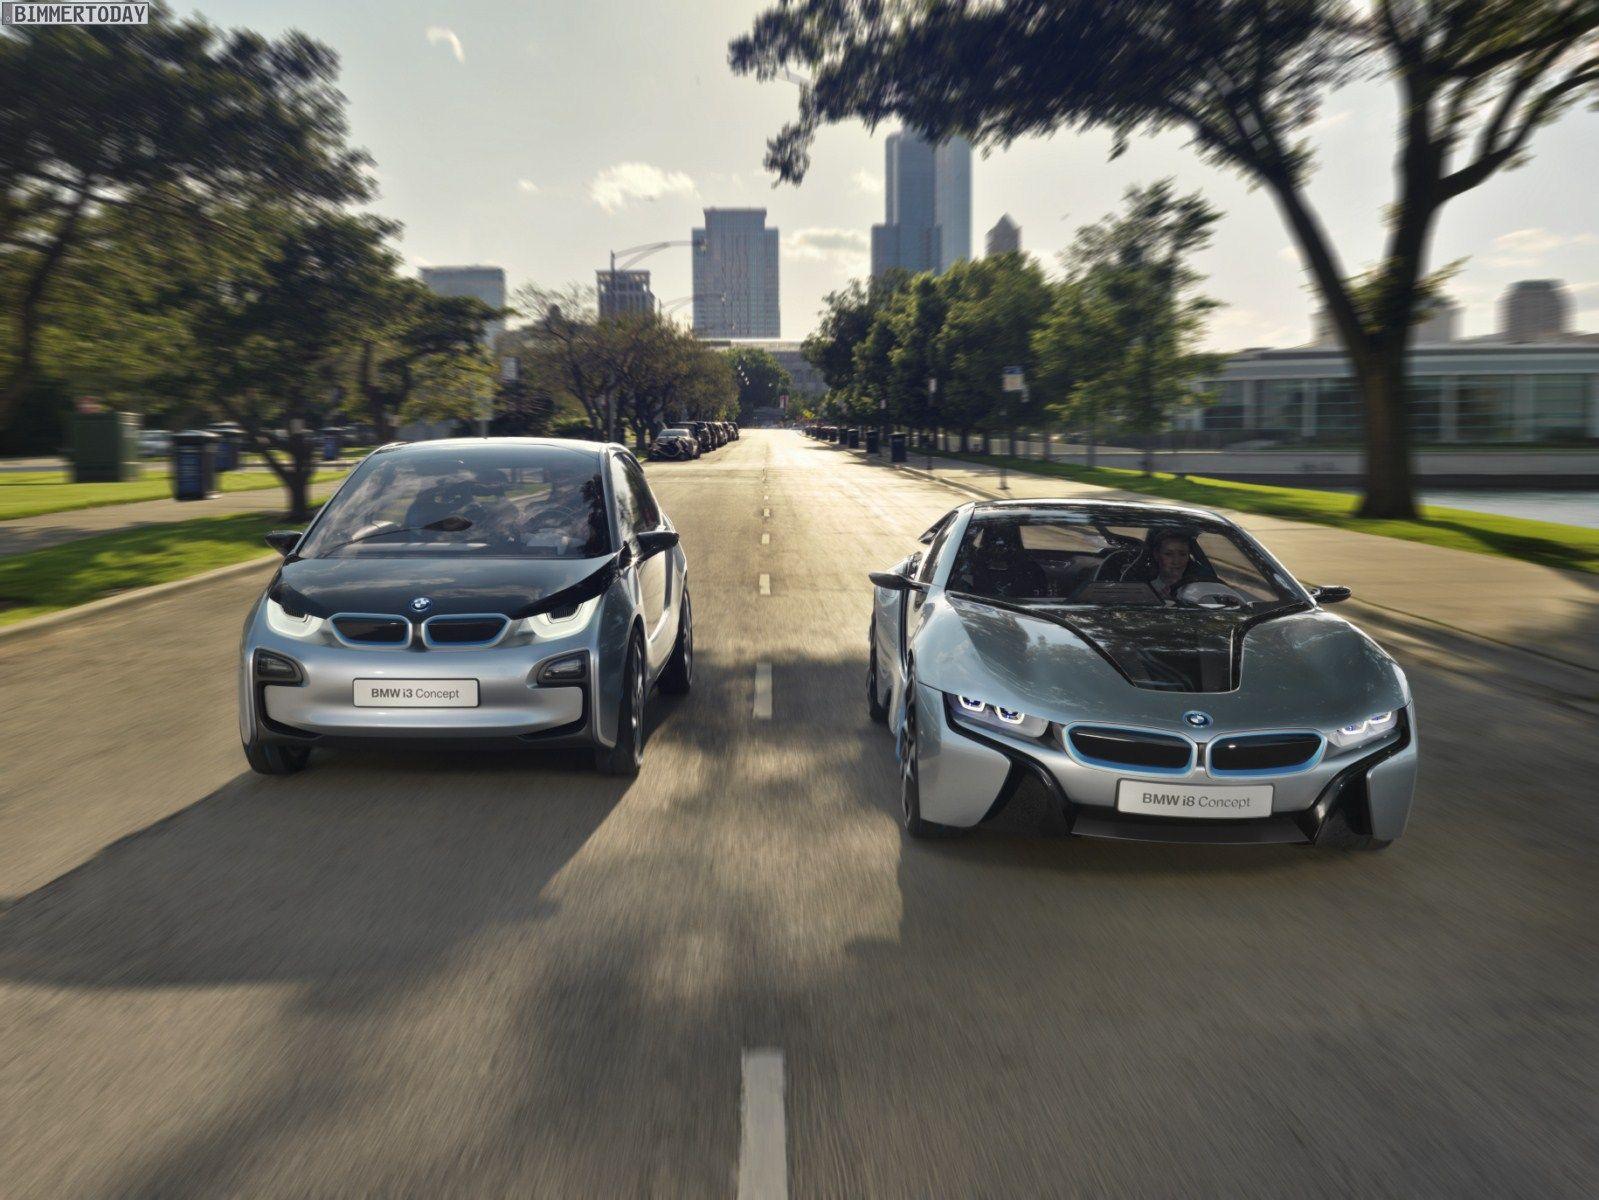 Superior Hybrid Sportler BMW I8 And I3 #CarWallpaper